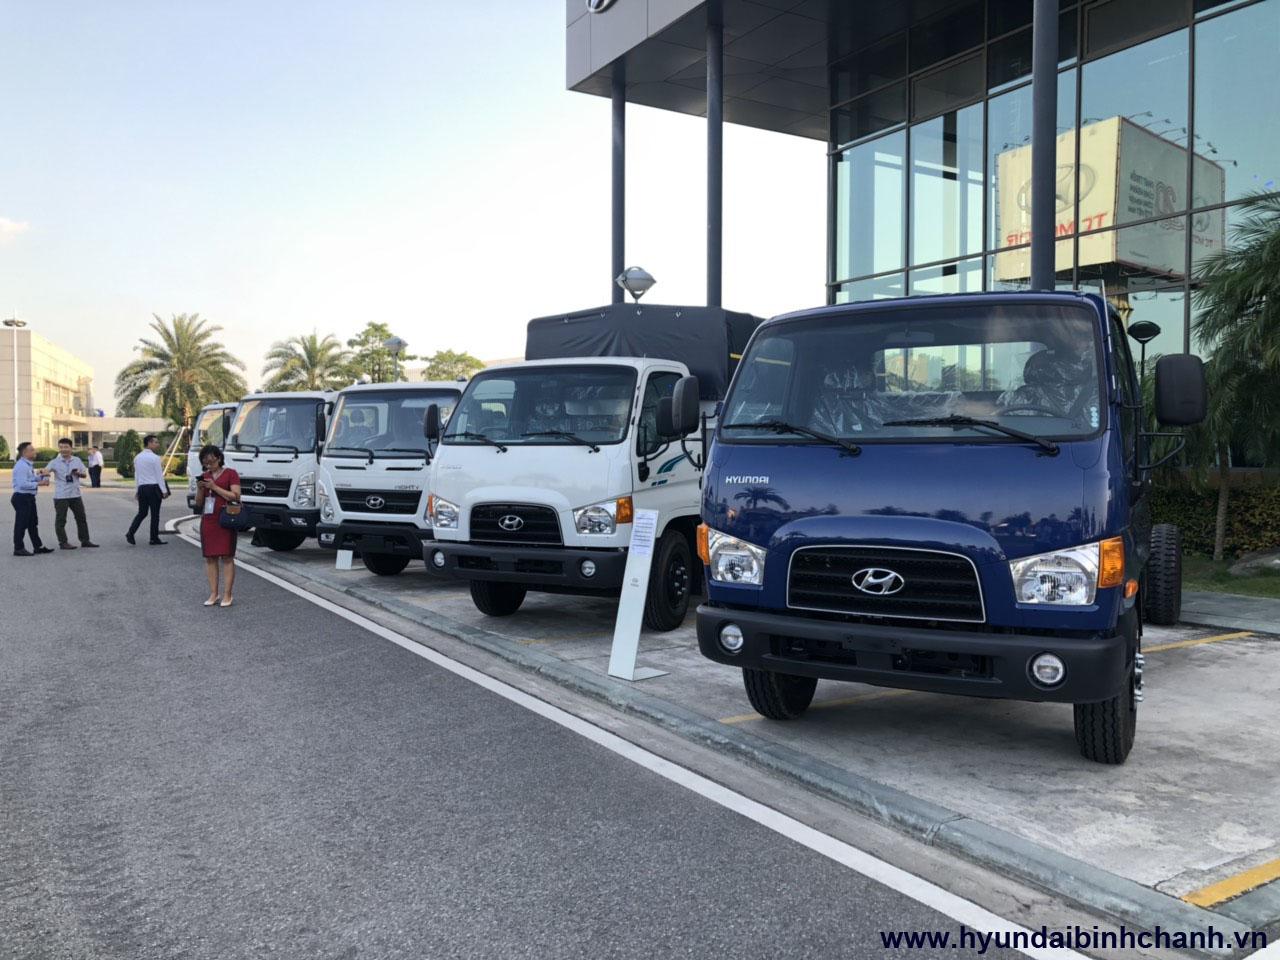 hyundai-mighty-ex-mighty-110s Dòng xe tải Hyundai New Mighty EX8 và Mighty EX6 dòng sản phẩm mới nhất của Hyundai Thành Công | Hyundai Phú Lâm